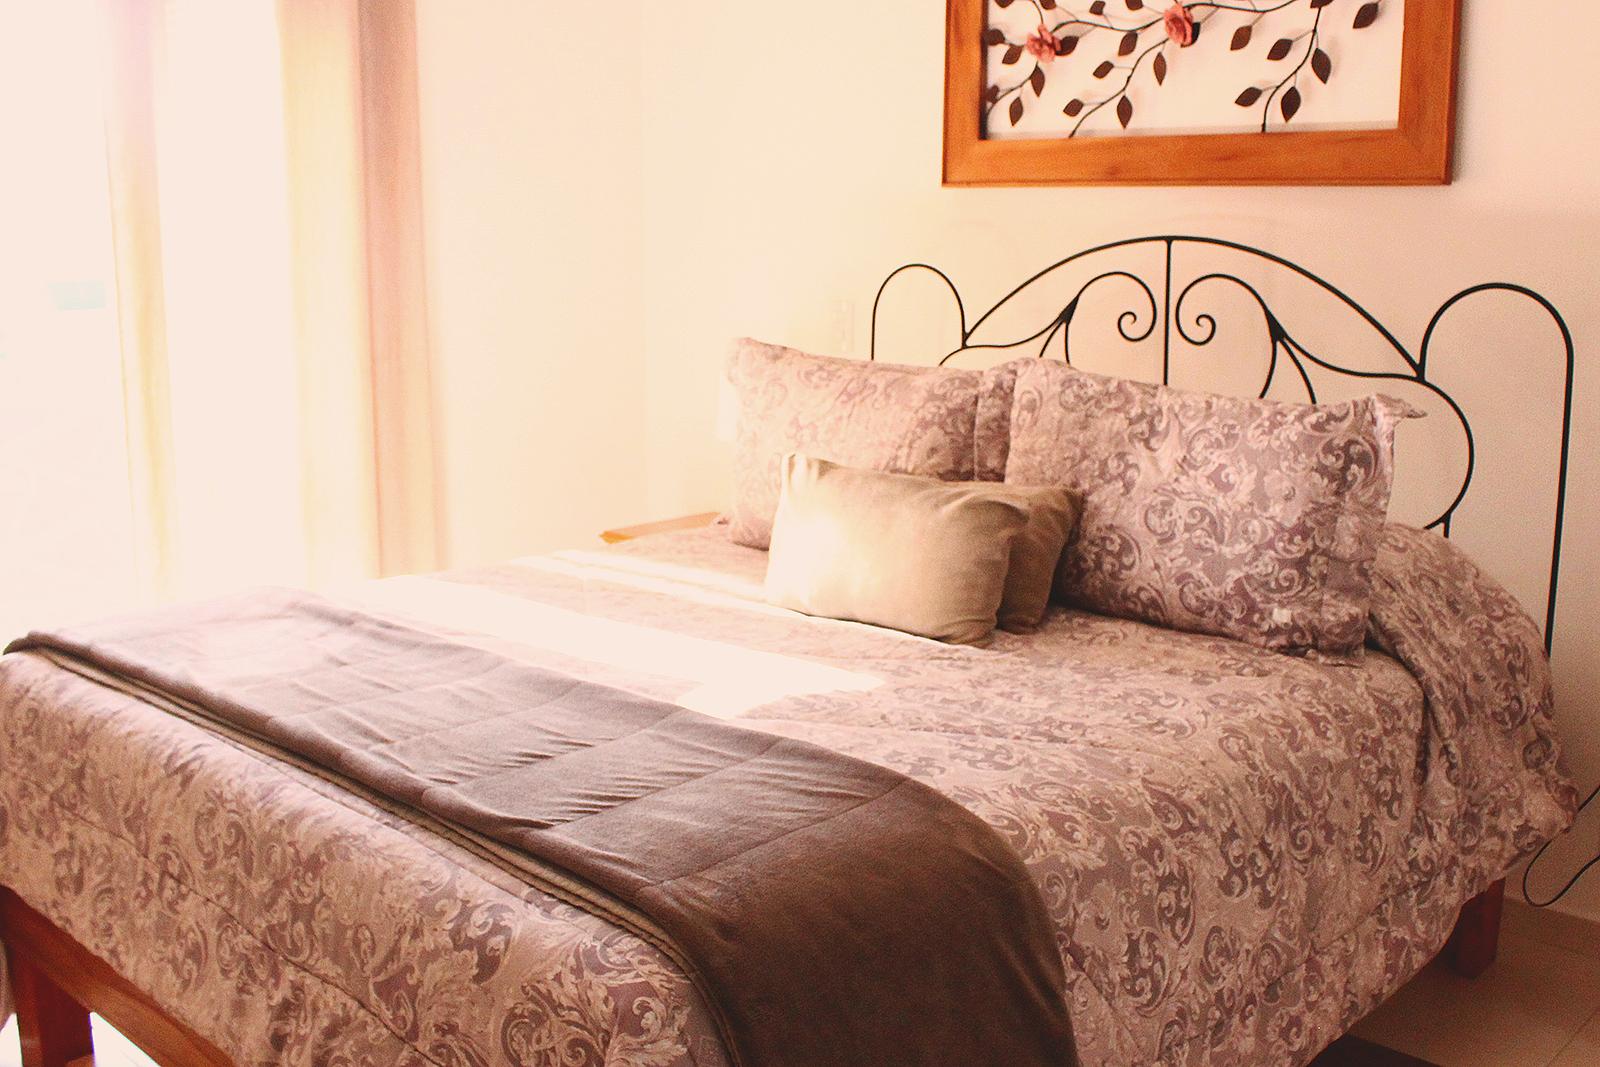 cama grande arrumada confortável hotel